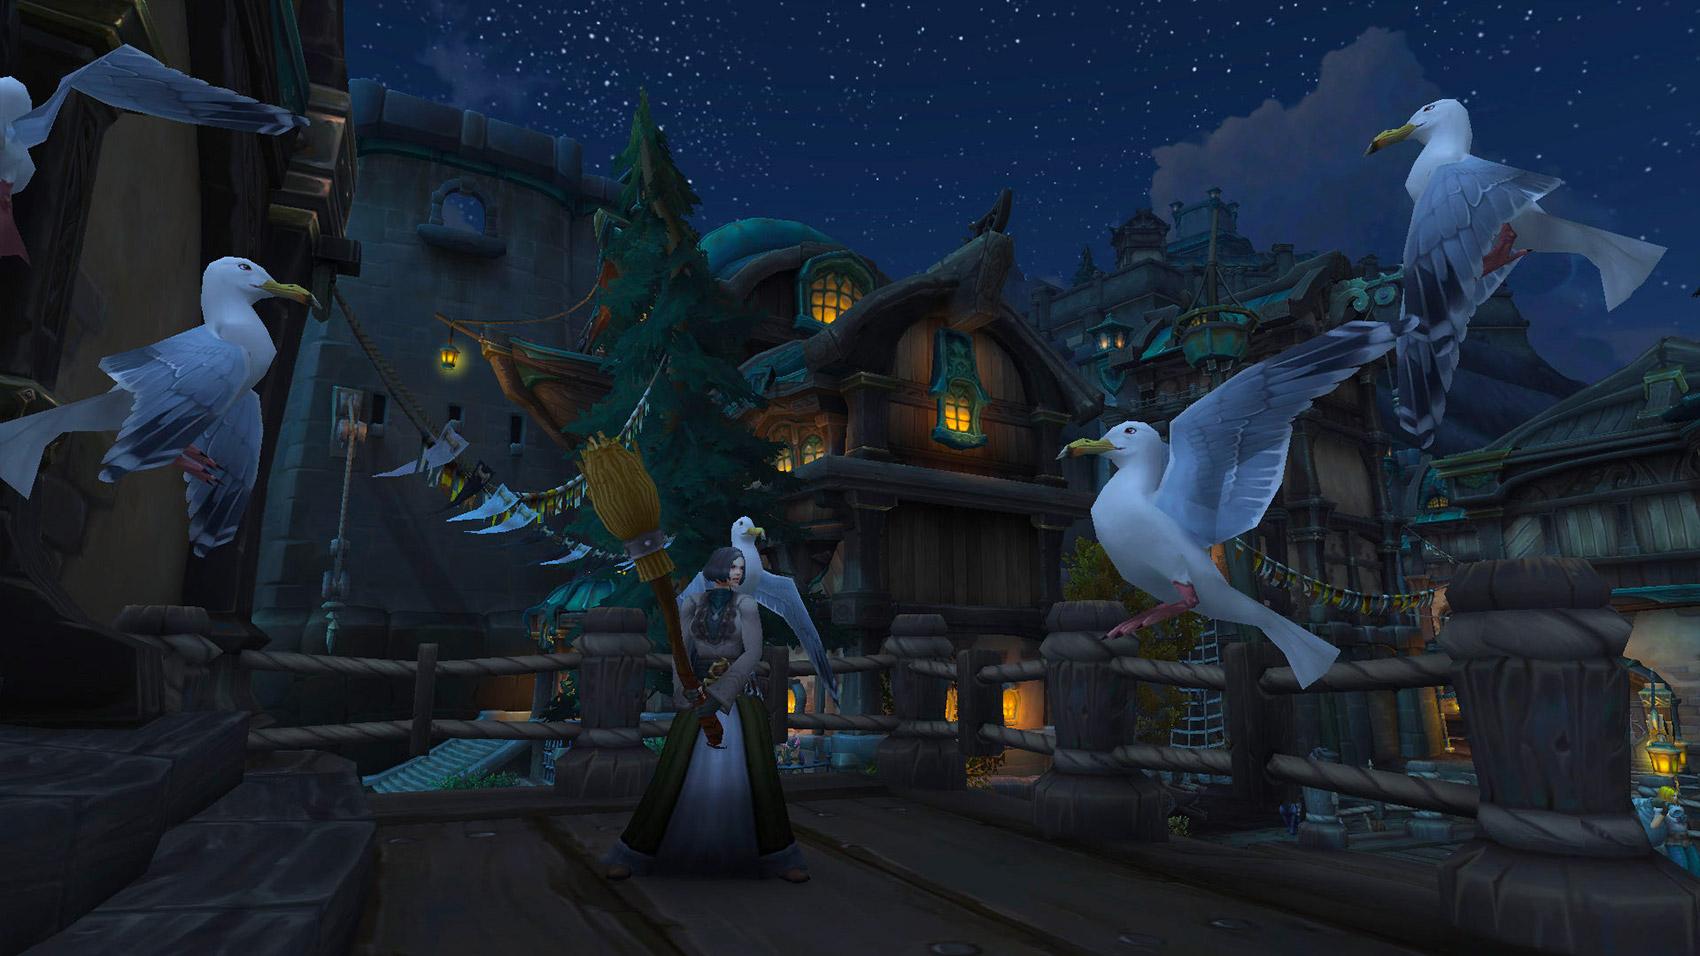 Une habitante de Boralus chasse les mouettes